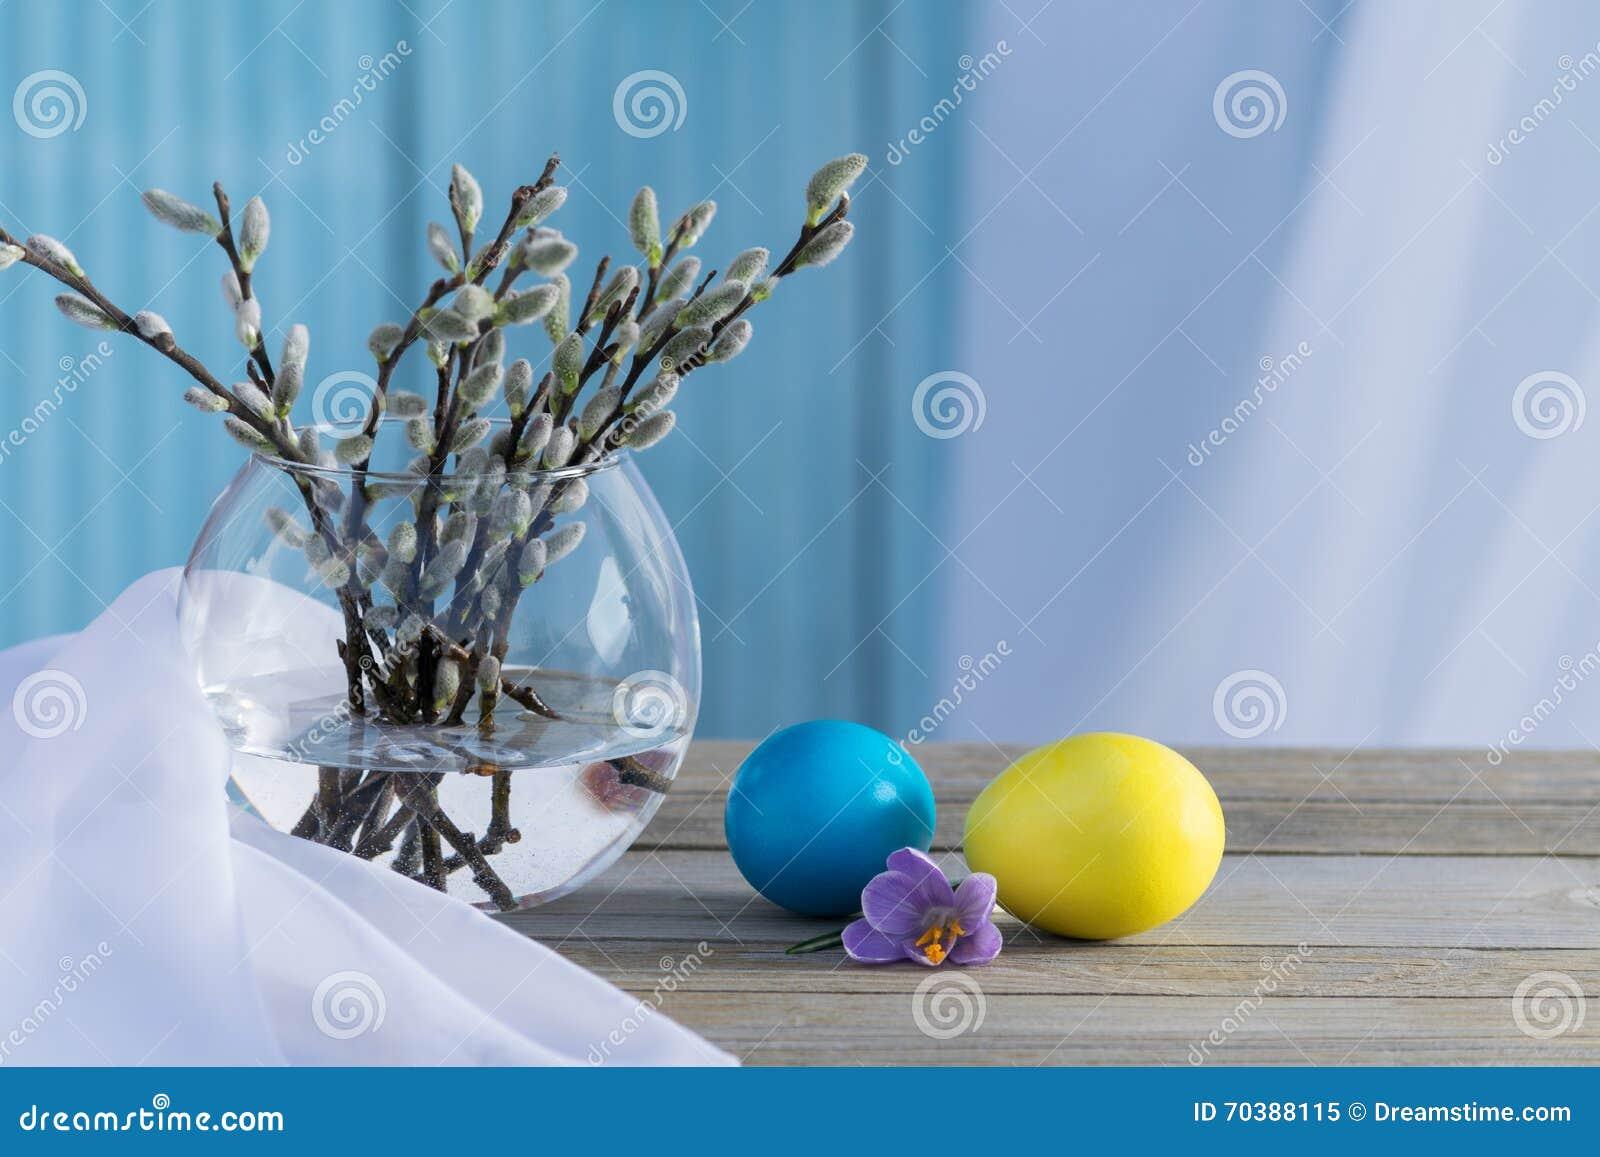 Sauce floreciente con los huevos coloreados